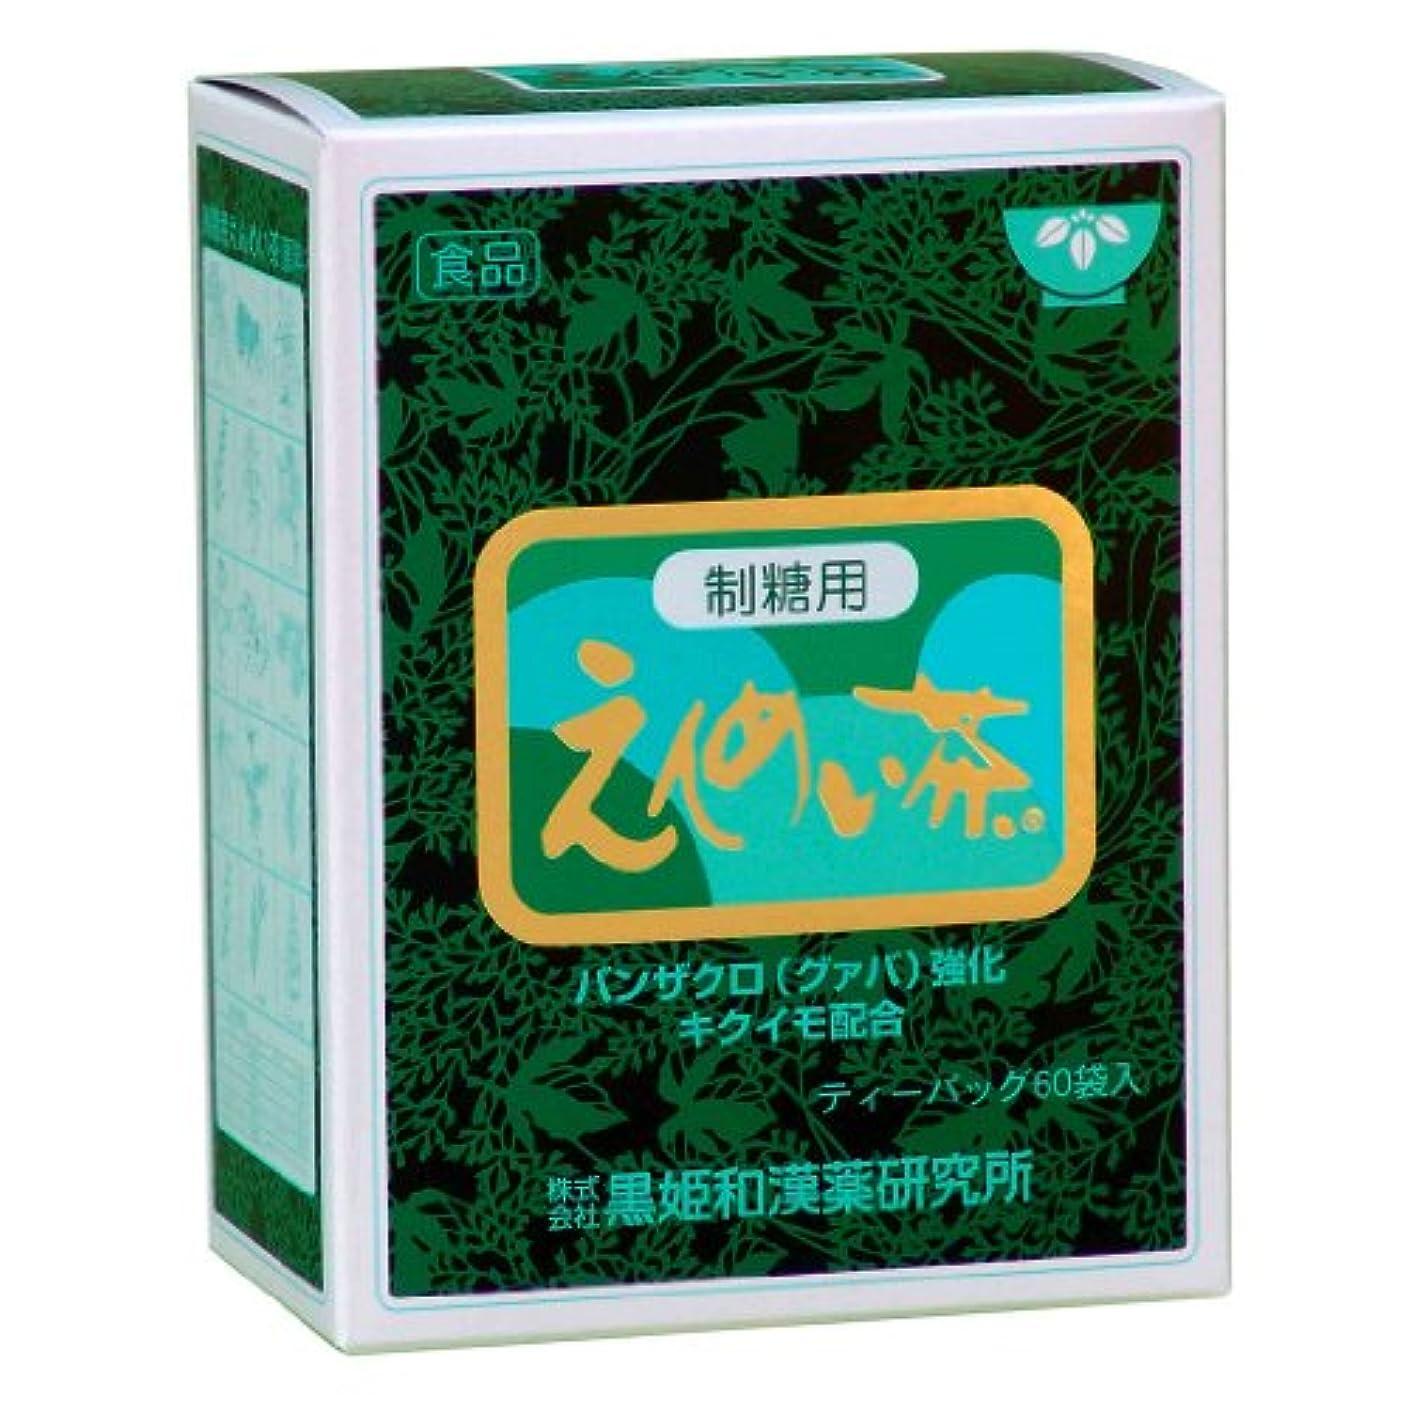 もちろん教室不振ユニマットリケン 黒姫えんめい茶制糖用 5gx60包